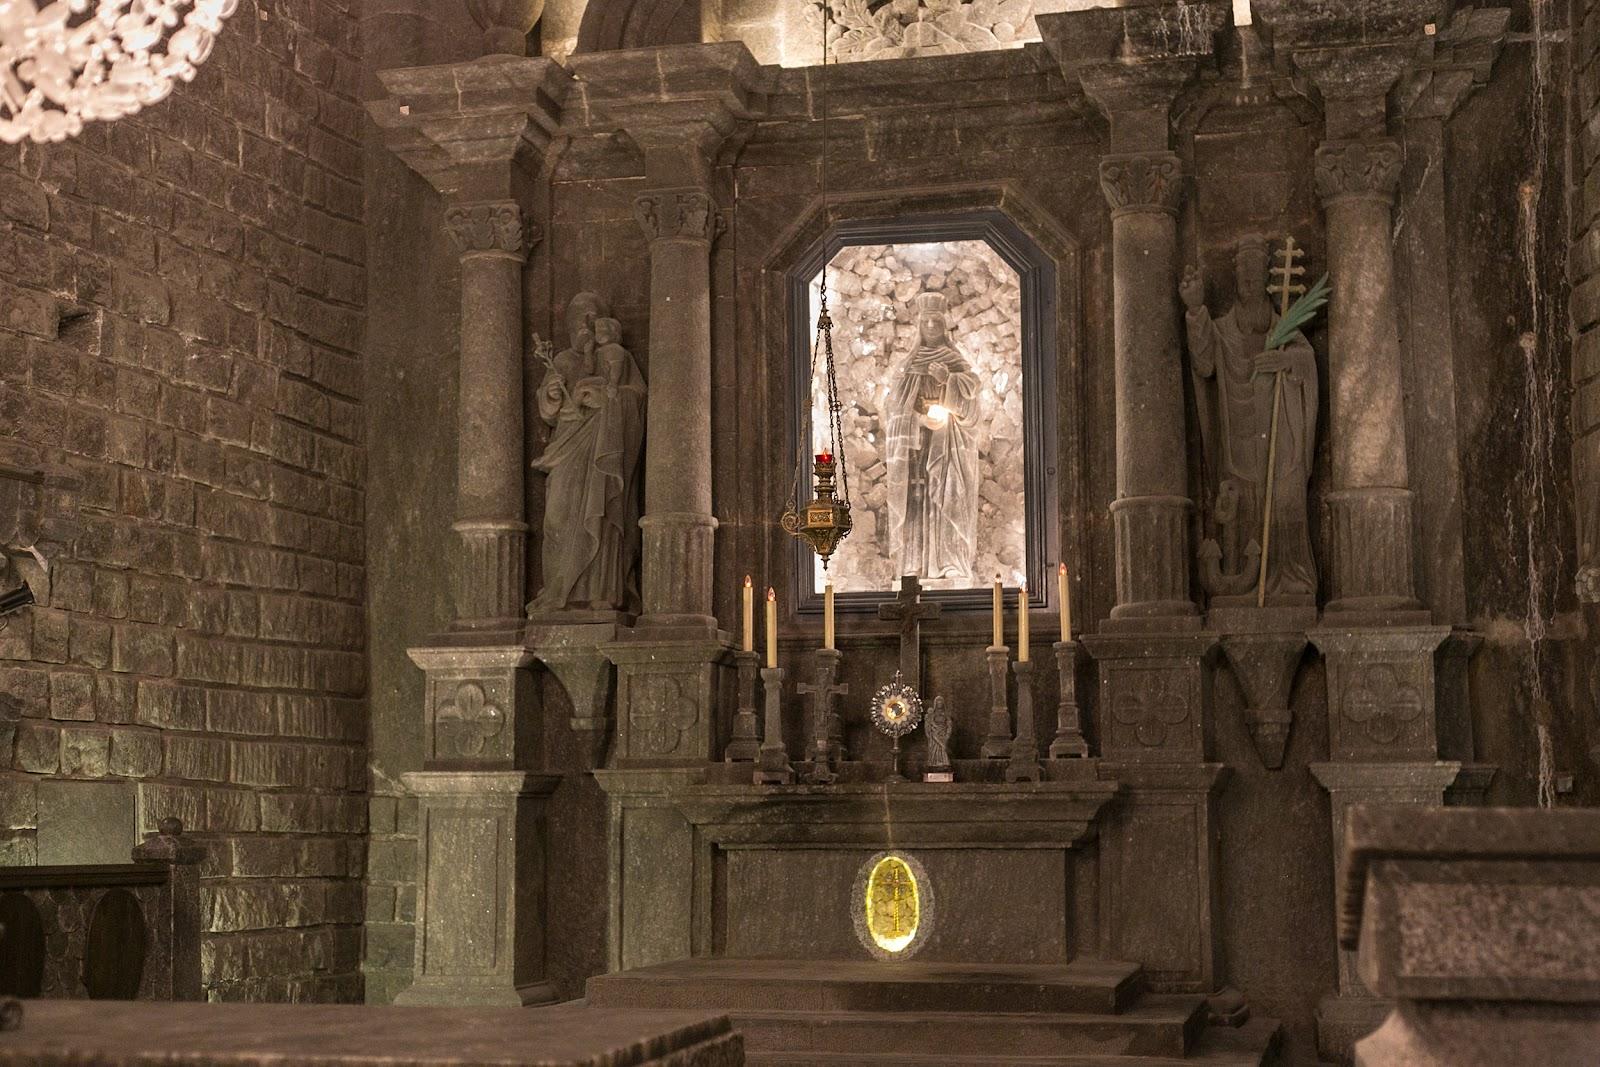 Nhà nguyện Thánh Kinga ở Wieliczka, Ba lan – nhà thờ lớn nhất thế giới được xây dựng dưới lòng đất!